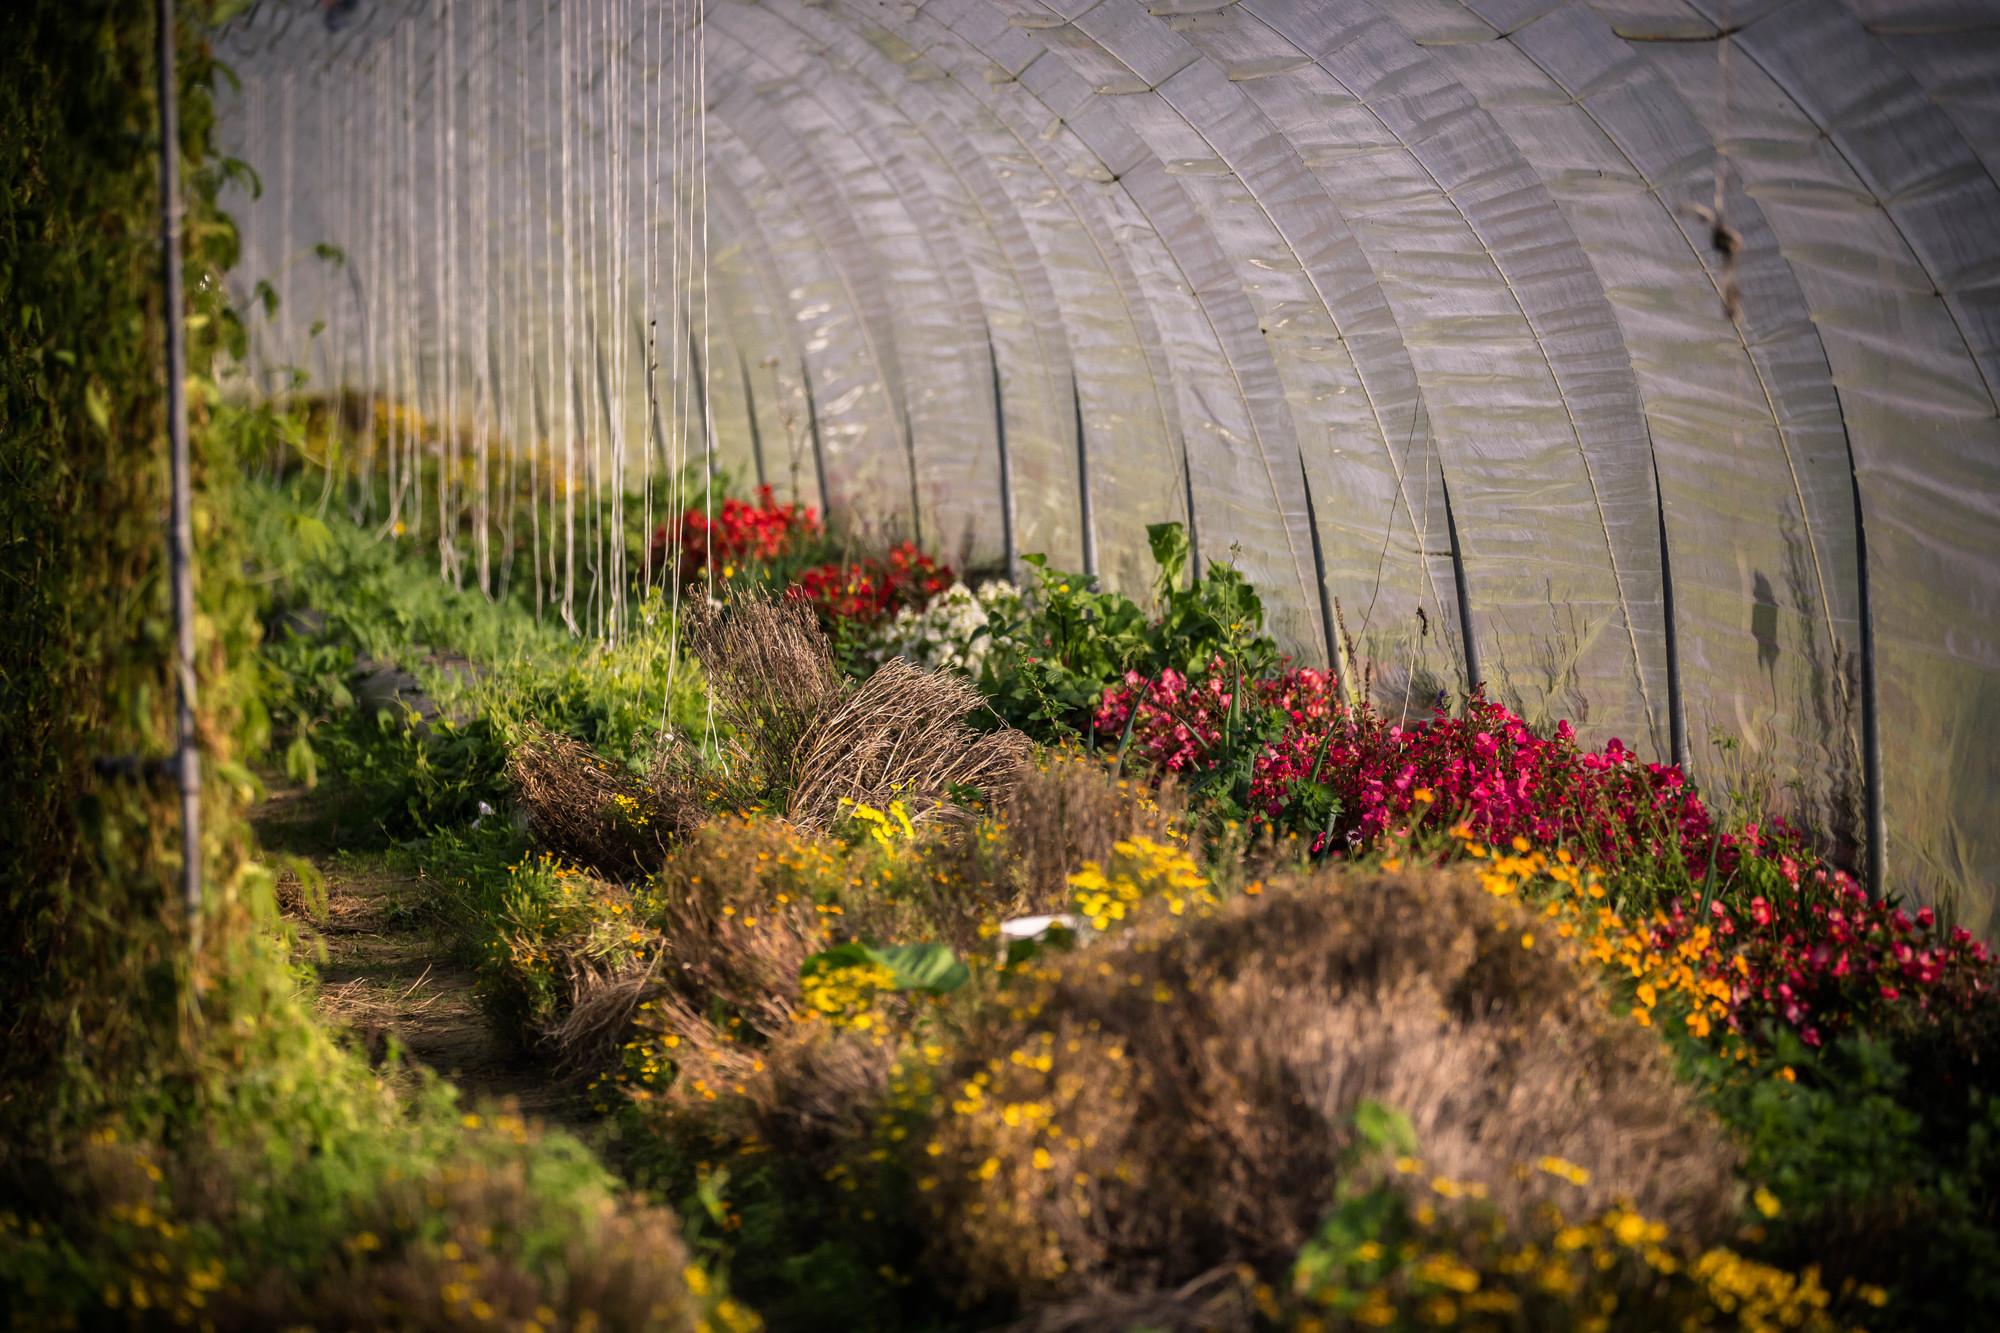 KVL Creative Nature bij bioboerderij Le monde des mille couleurs bio mijn natuur